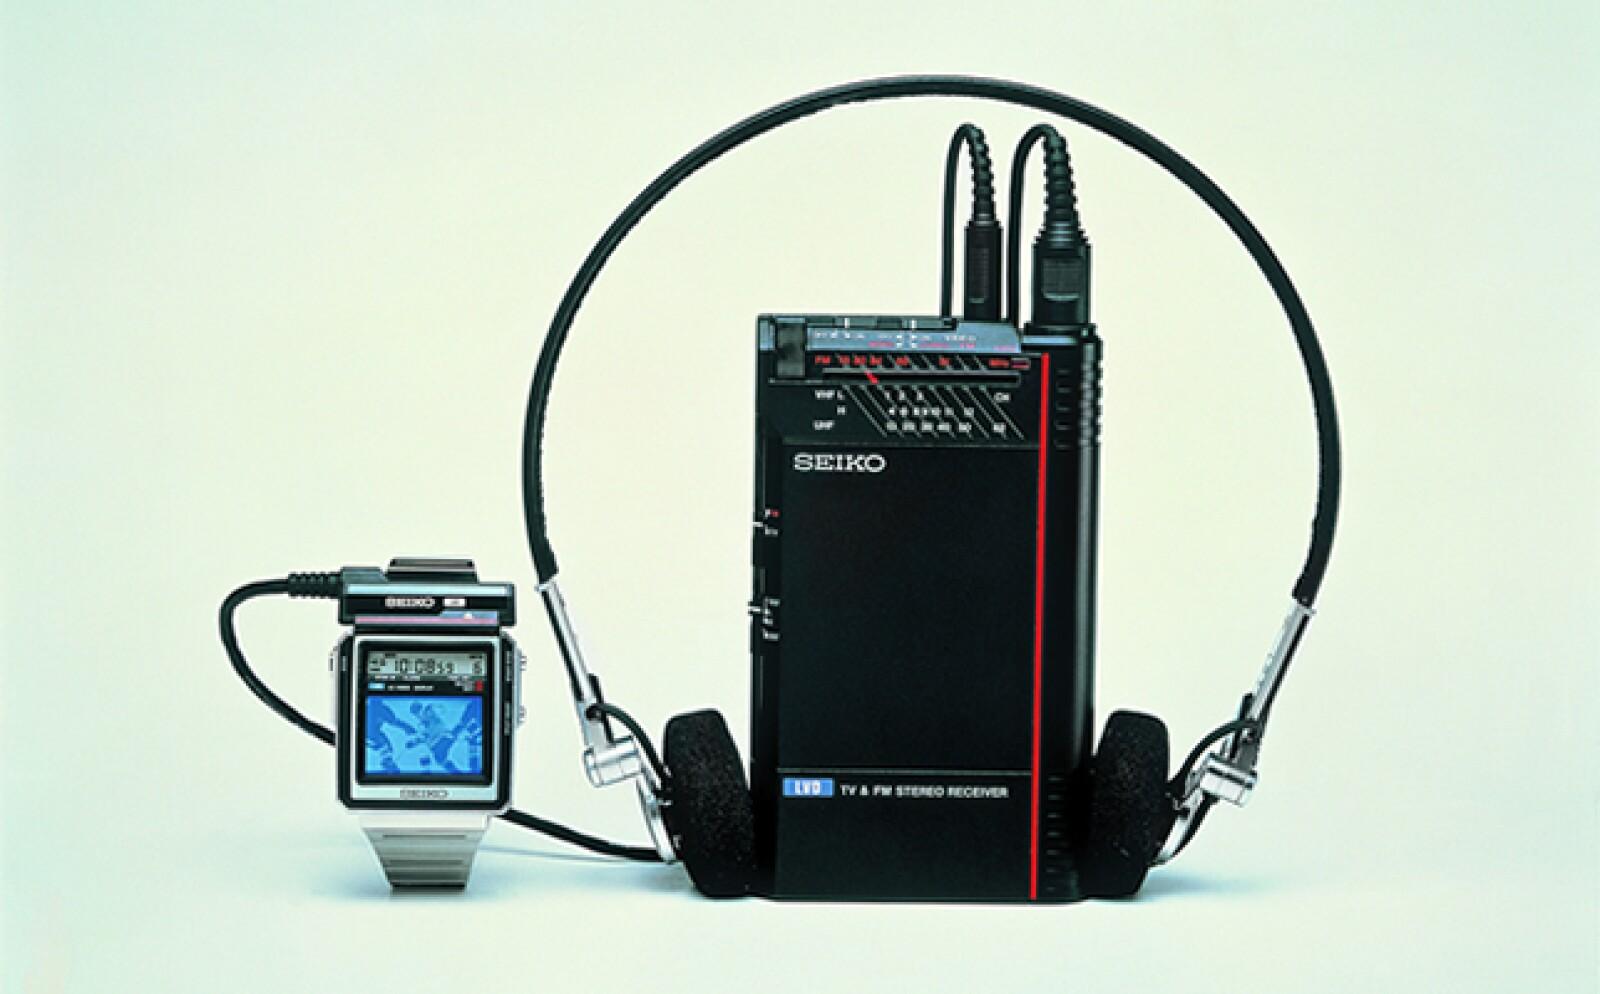 Este reloj tenía un monitor de TV en miniatura. En la película Octopussy (1983) la pantalla era a color, pero en realidad sólo transmitía imágenes en blanco y negro.